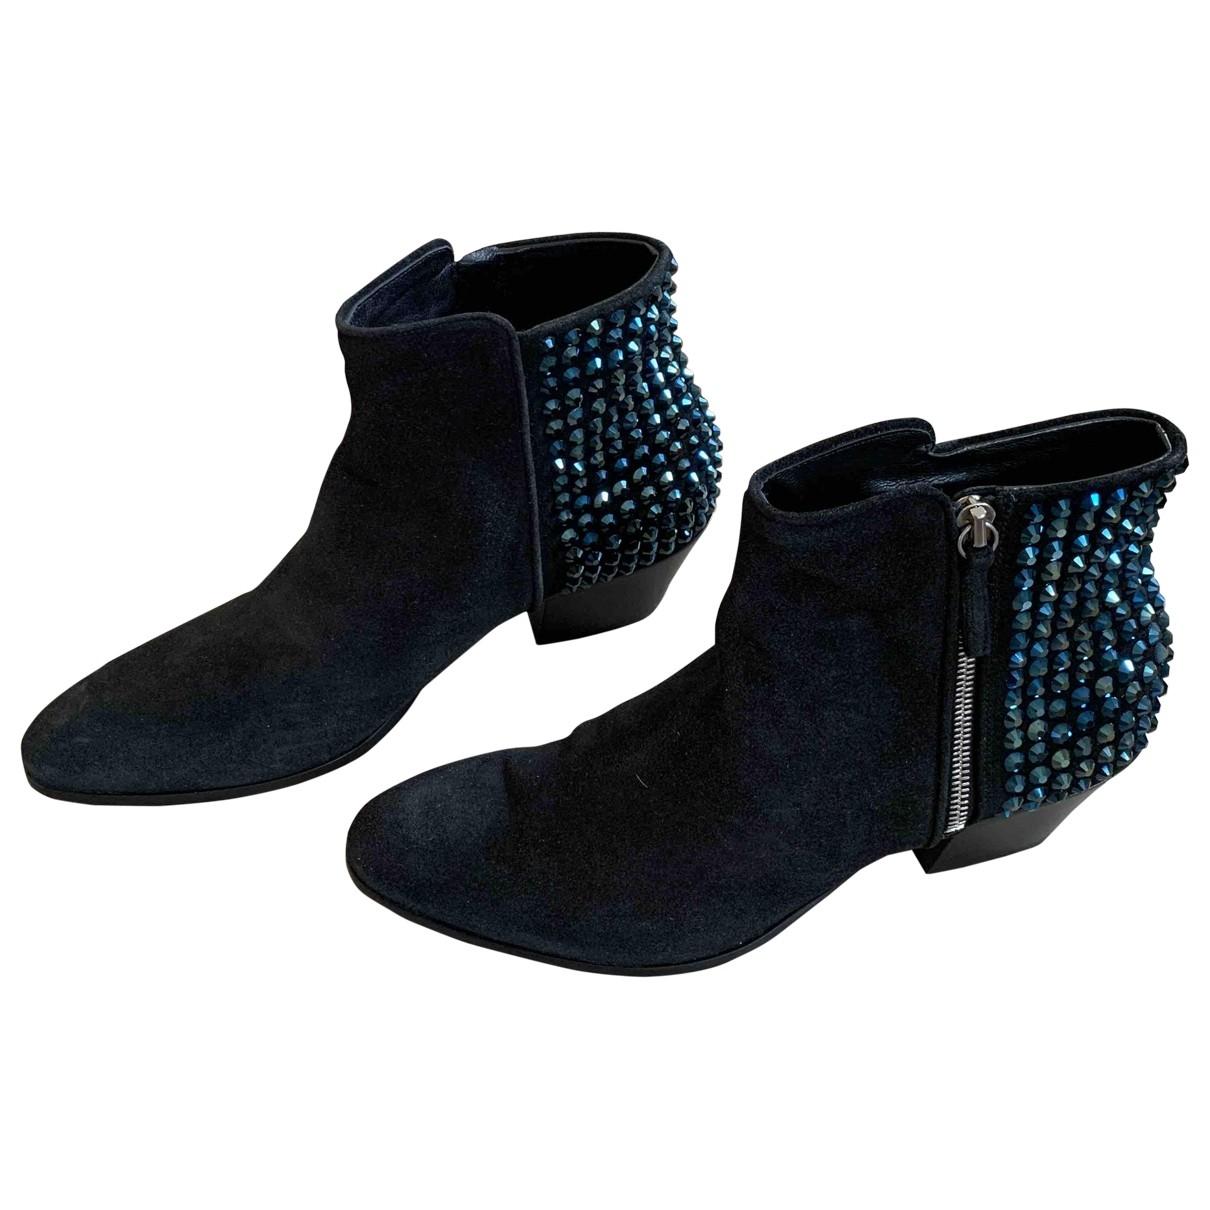 Giuseppe Zanotti - Boots   pour femme en a paillettes - bleu